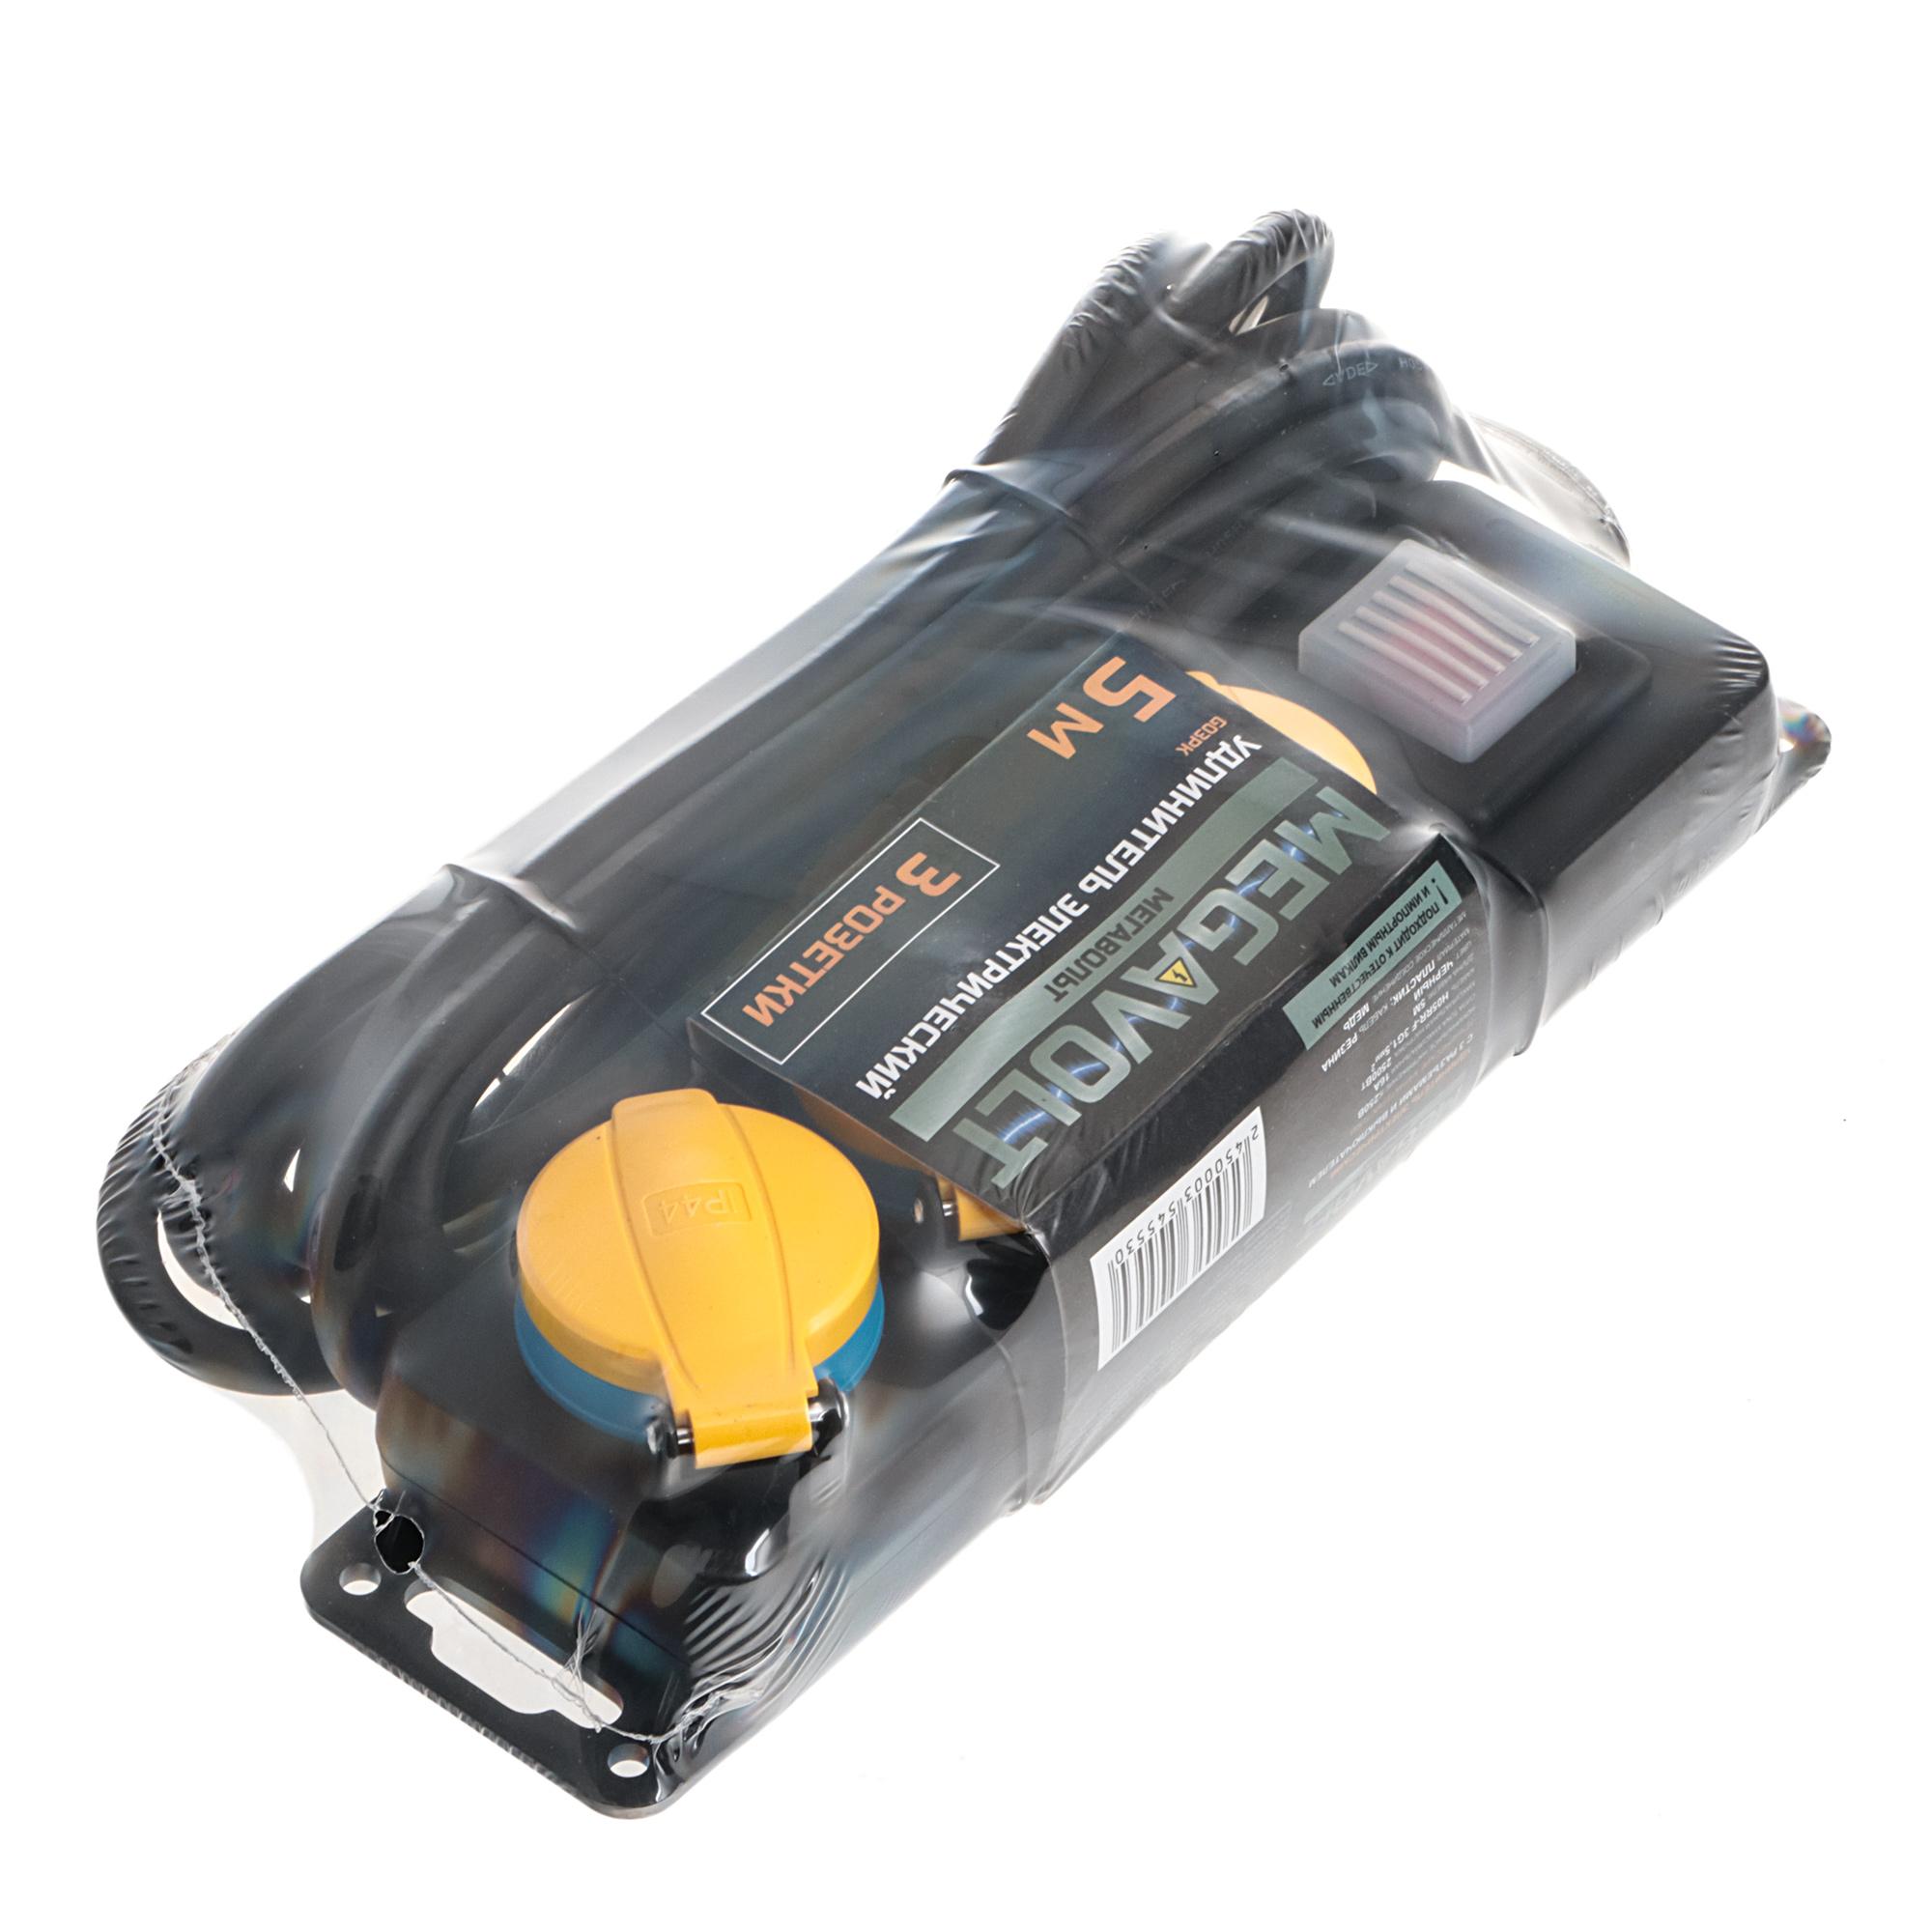 Удлинитель сетевой Megavolt boyang 5м ip44, 250v~16a max 3500w, h05rr-f 3g1,5mm2.